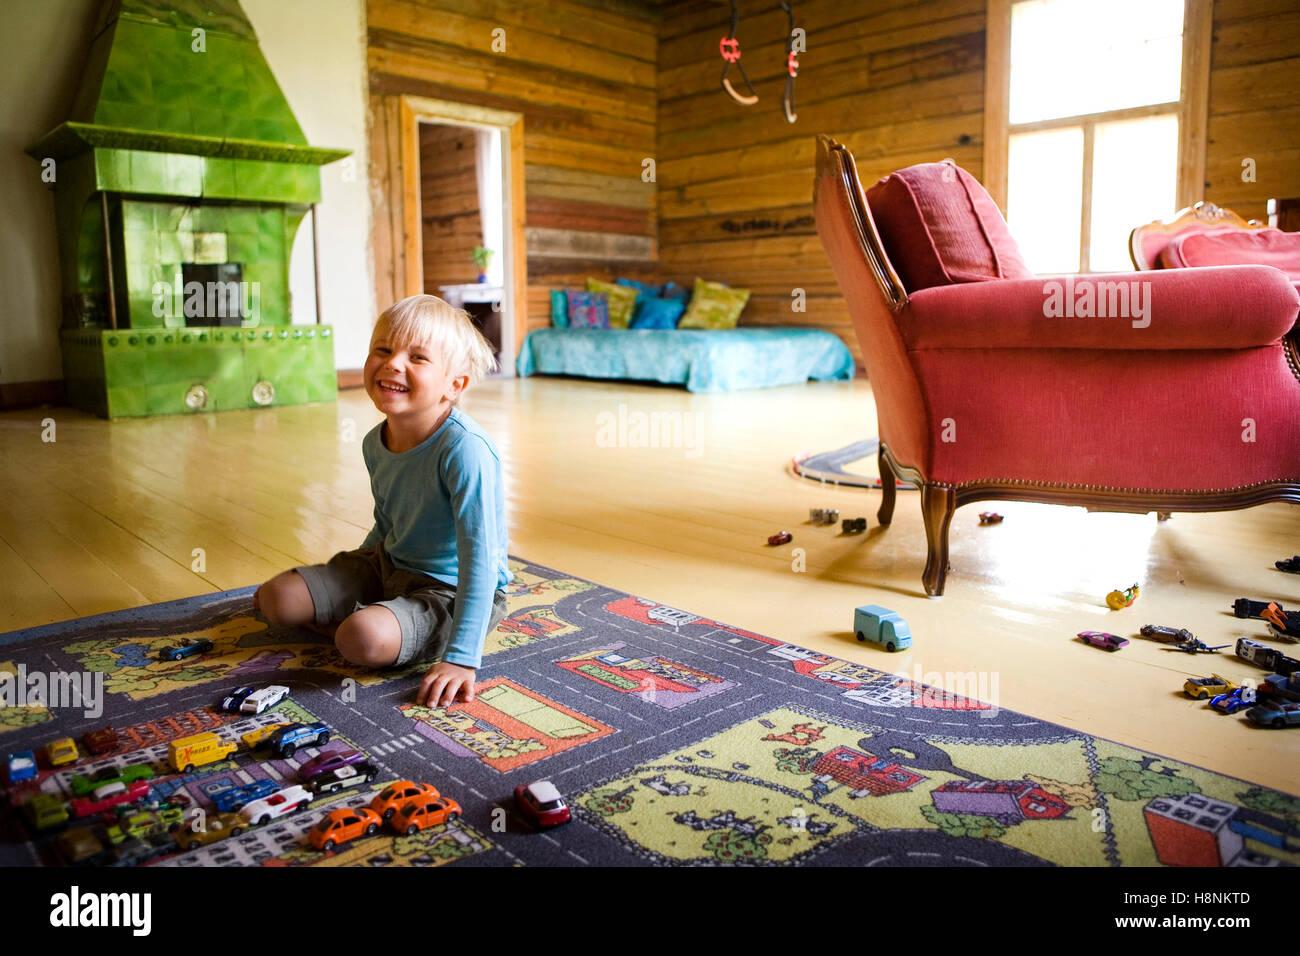 Boy (4-5) de rodillas sobre la alfombra multicolor en la habitación Imagen De Stock